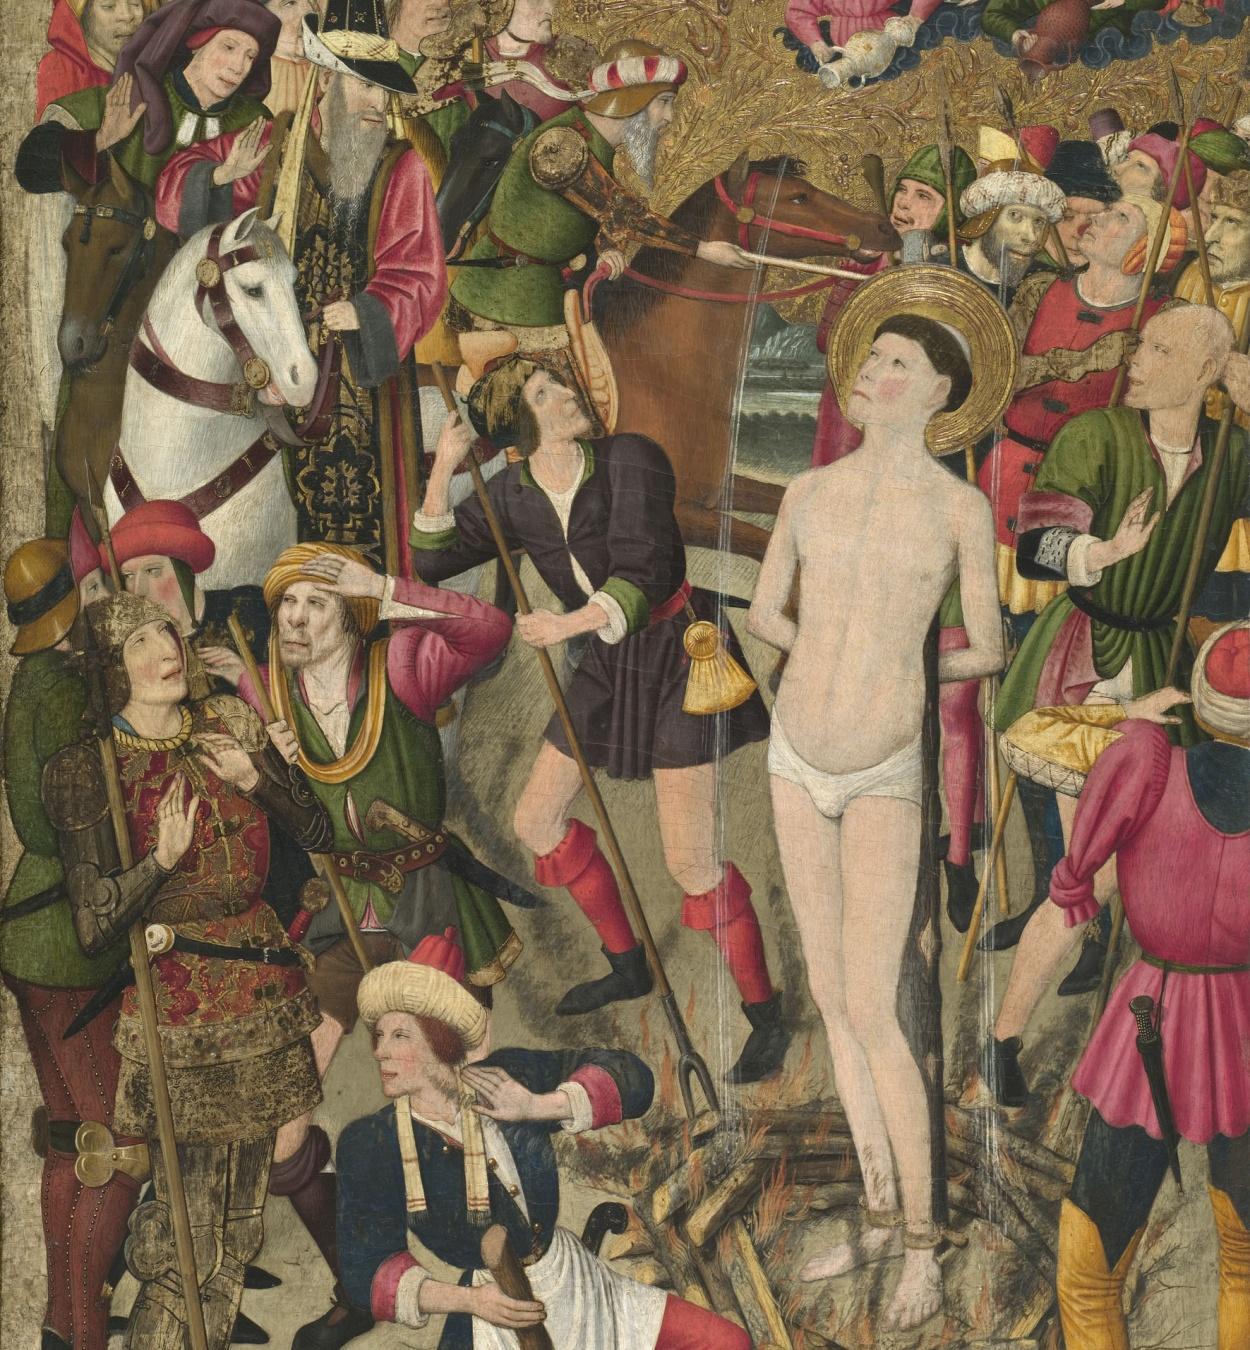 Jaume Huguet - Sant Vicenç a la foguera - Cap a 1455-1460